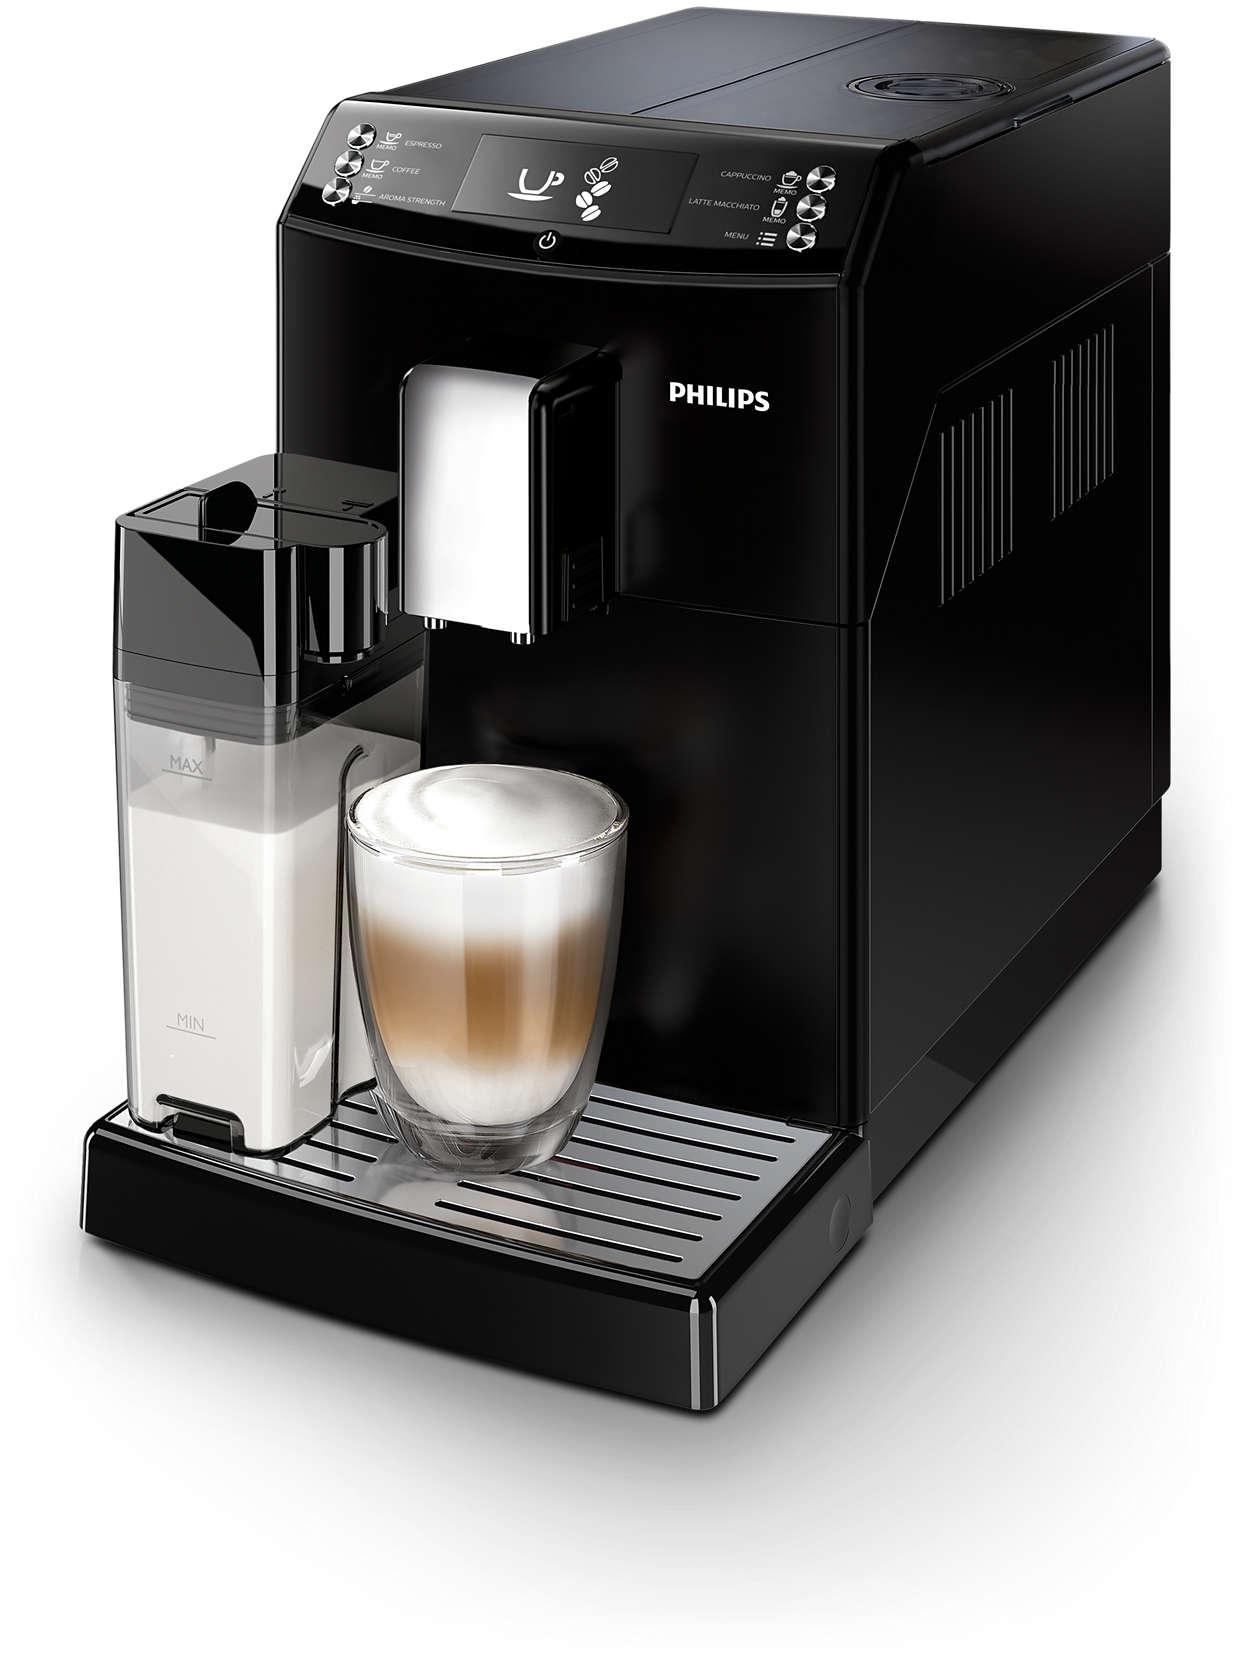 Makusi mukaista espressoa ja cappuccinoa yhdellä painalluksella